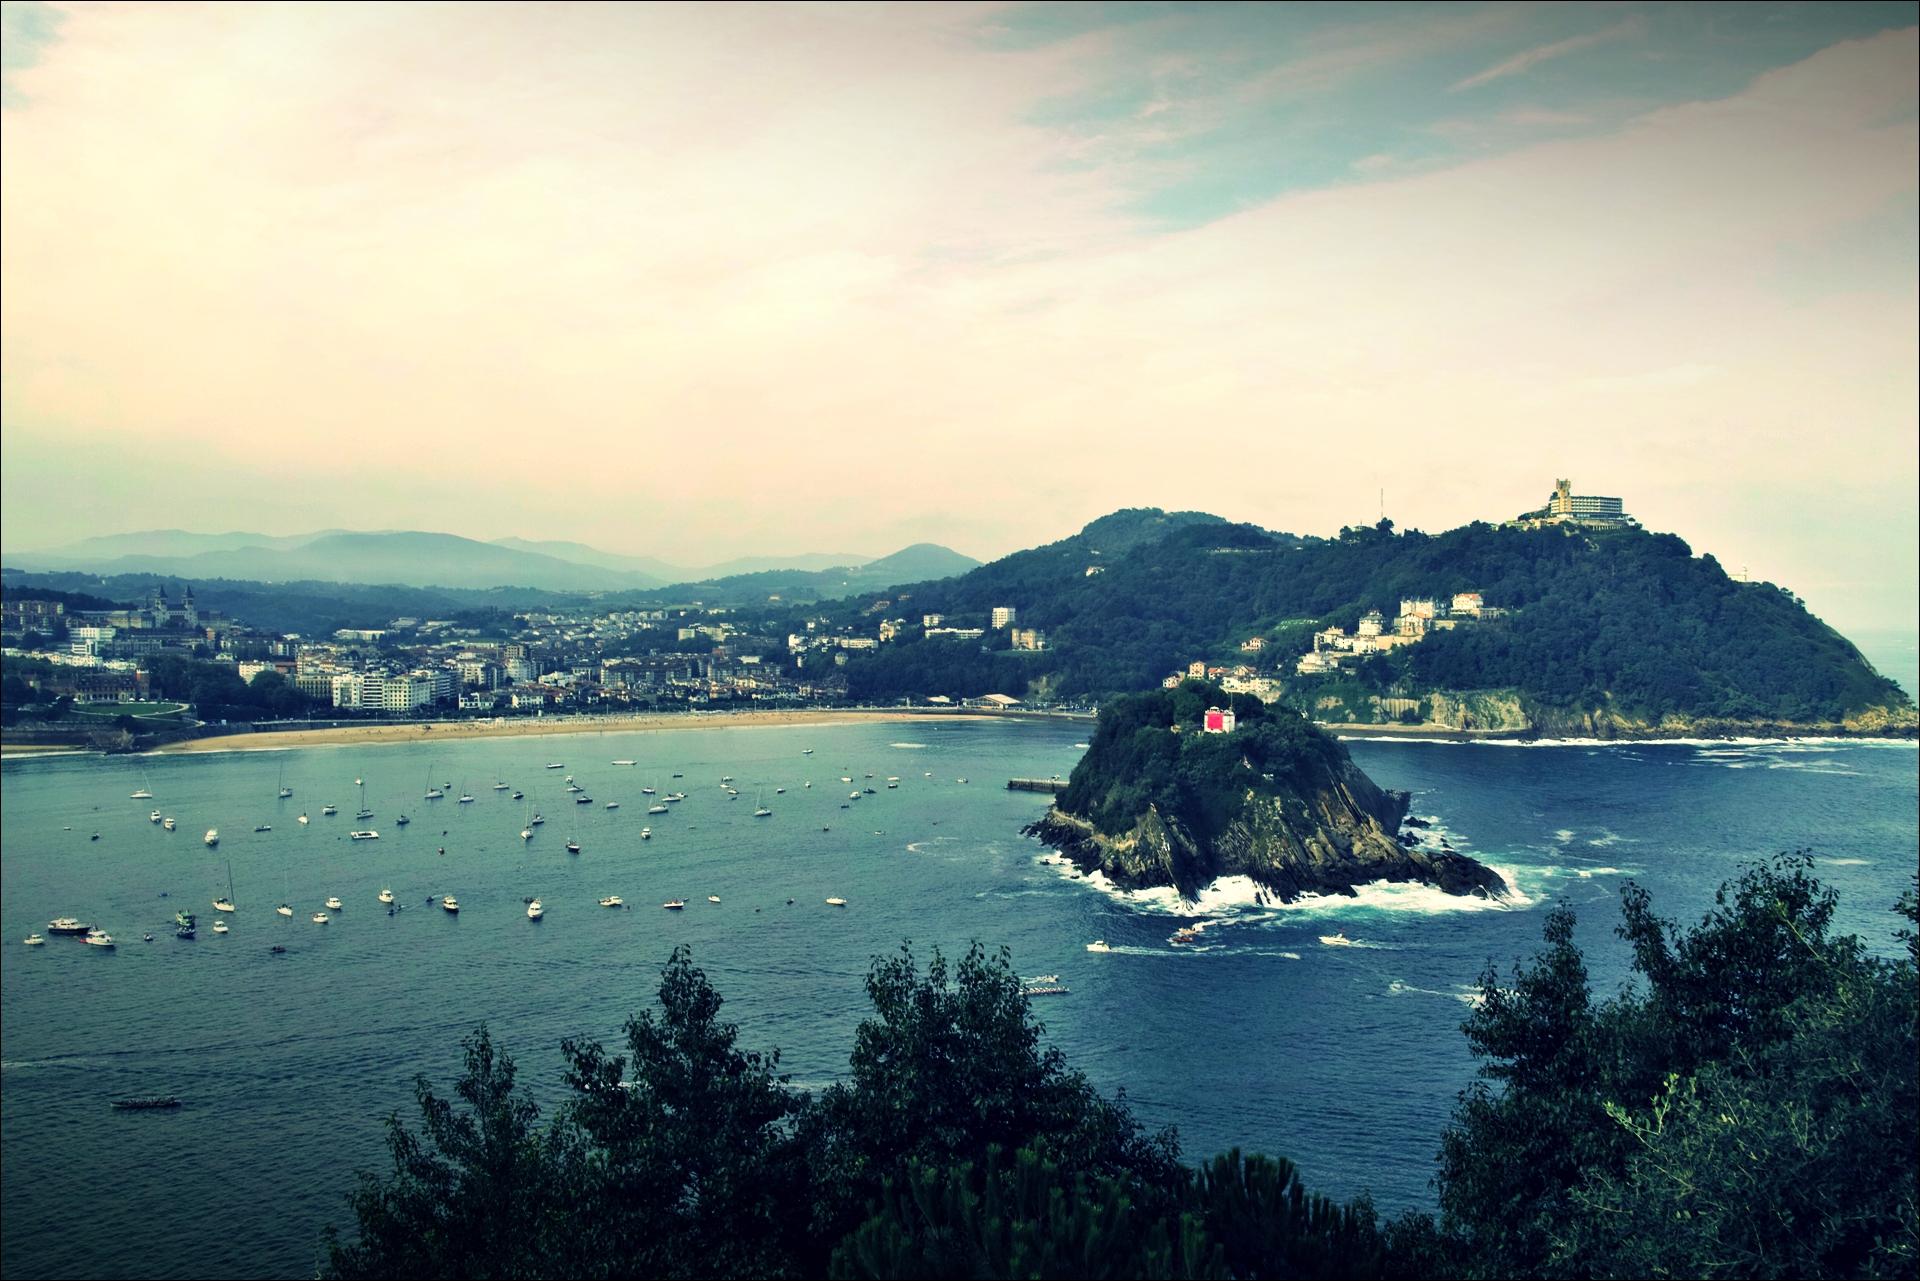 바다-'산 세바스티안 둘러보기(Sightseeing San Sebastian, Spain)'